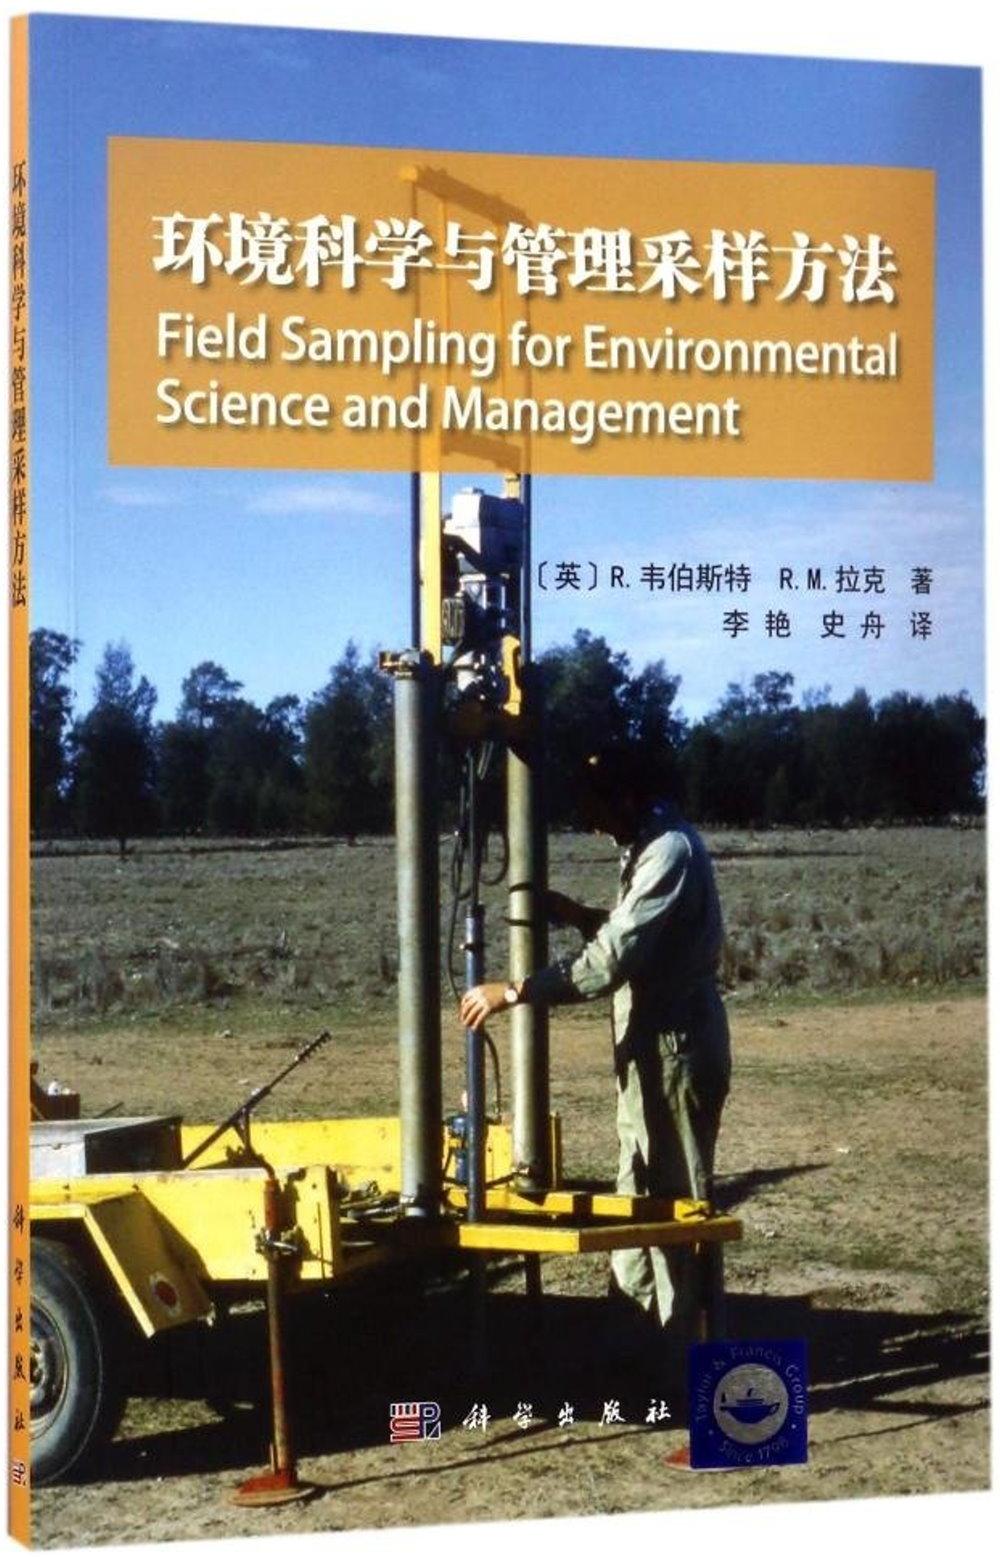 環境科學與管理采樣方法